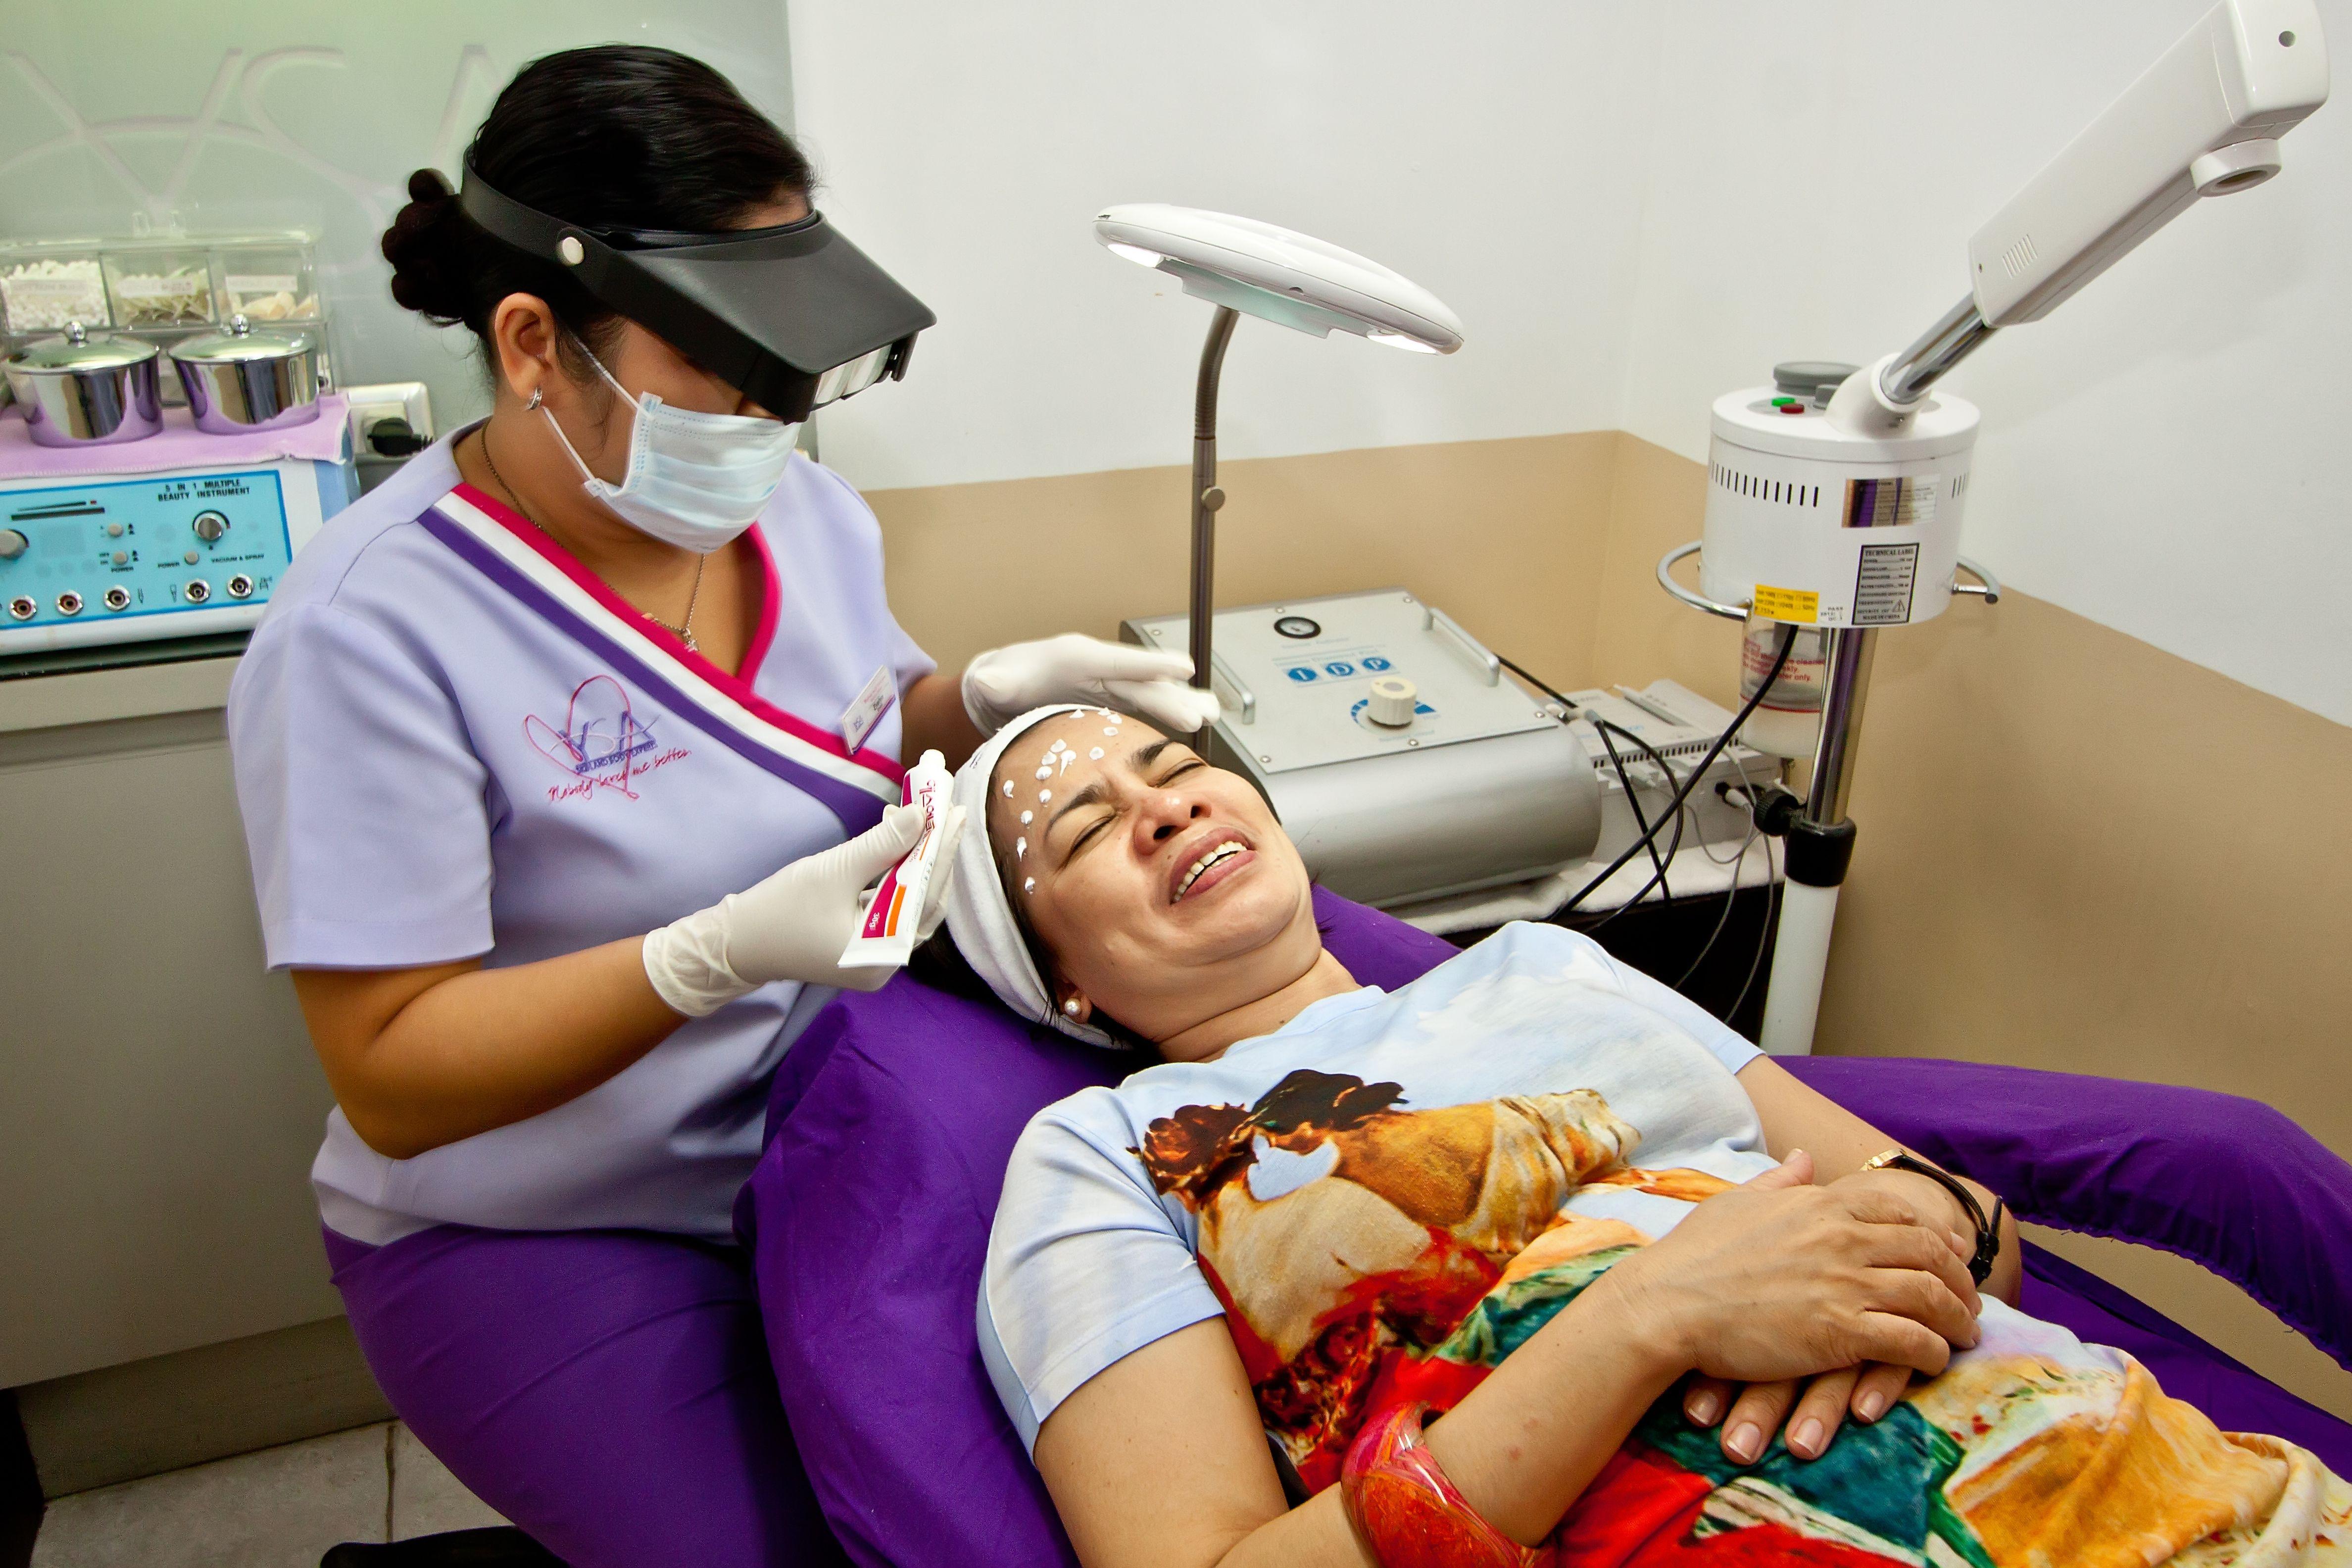 YSA Skin & Body Experts (SM City Iloilo)